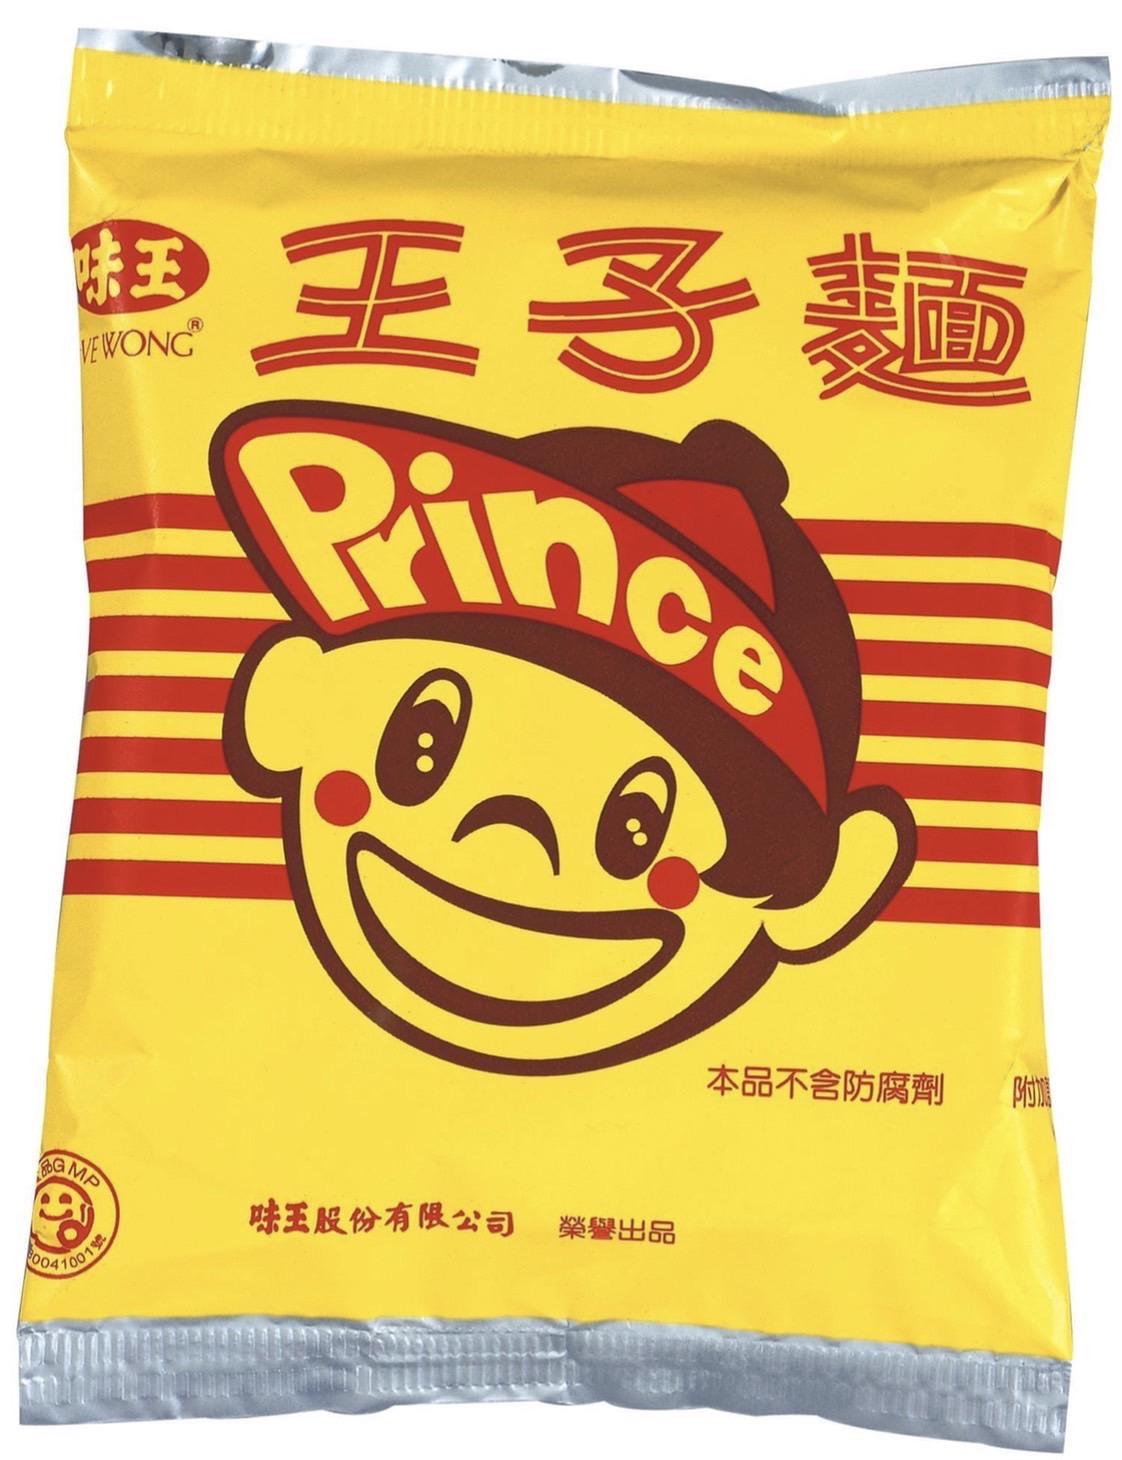 かわいいキャラの★王子麺★